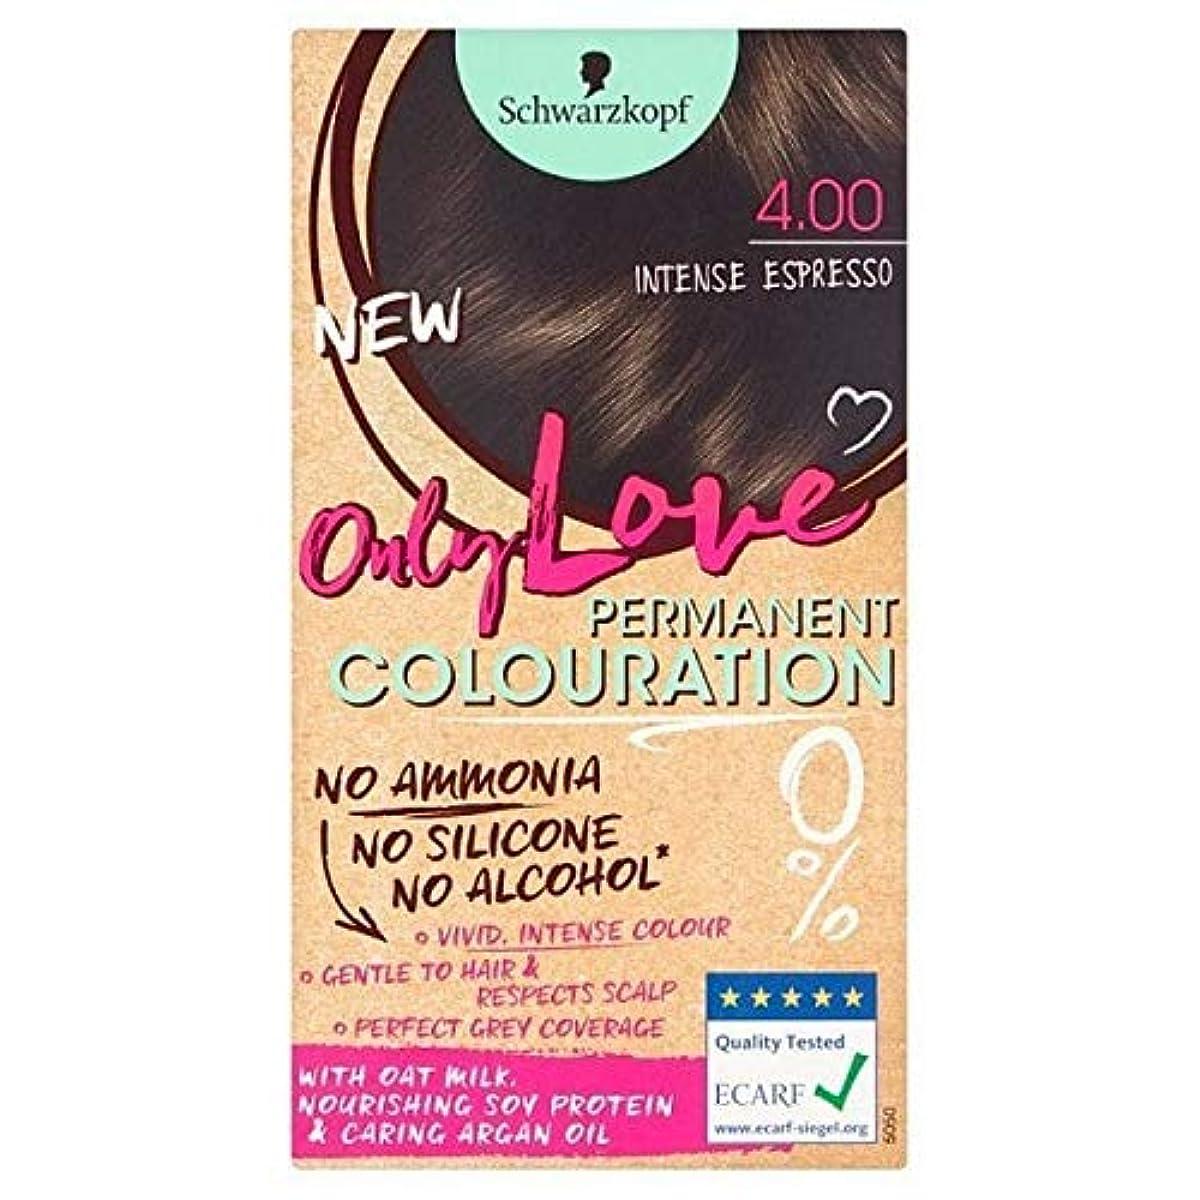 テレビ局口医師[Only Love ] 唯一の永久染毛剤400強烈なエスプレッソを愛します - Only Love Permanent Hair Dye 400 Intense Espresso [並行輸入品]